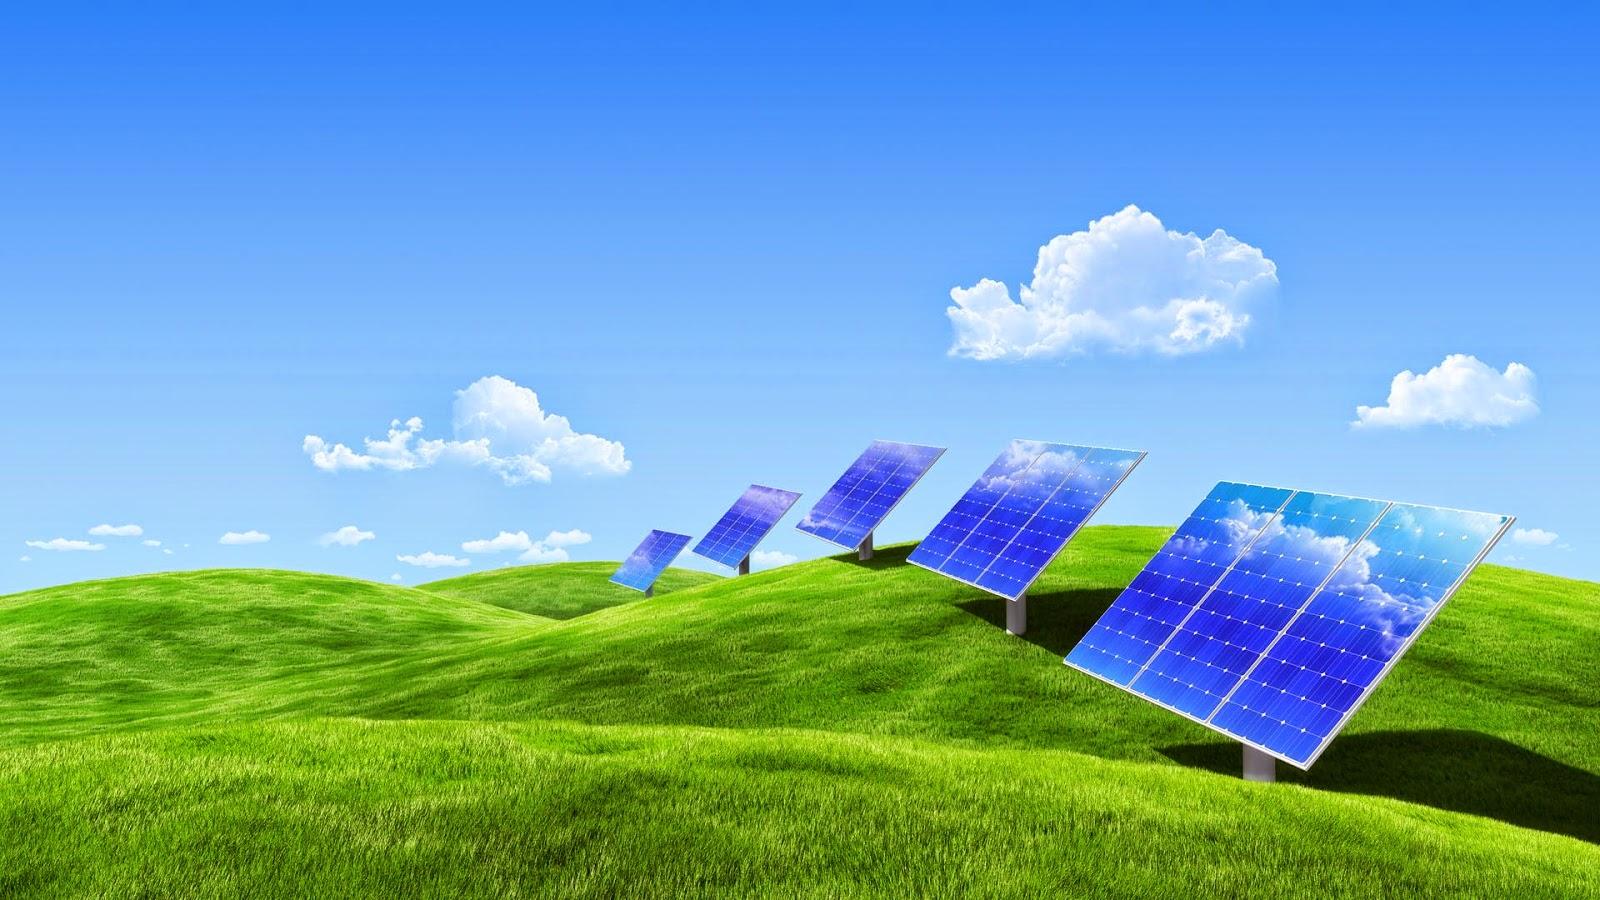 مميزات الطاقة الشمسية, سلبيات الطاقه الشمسيه